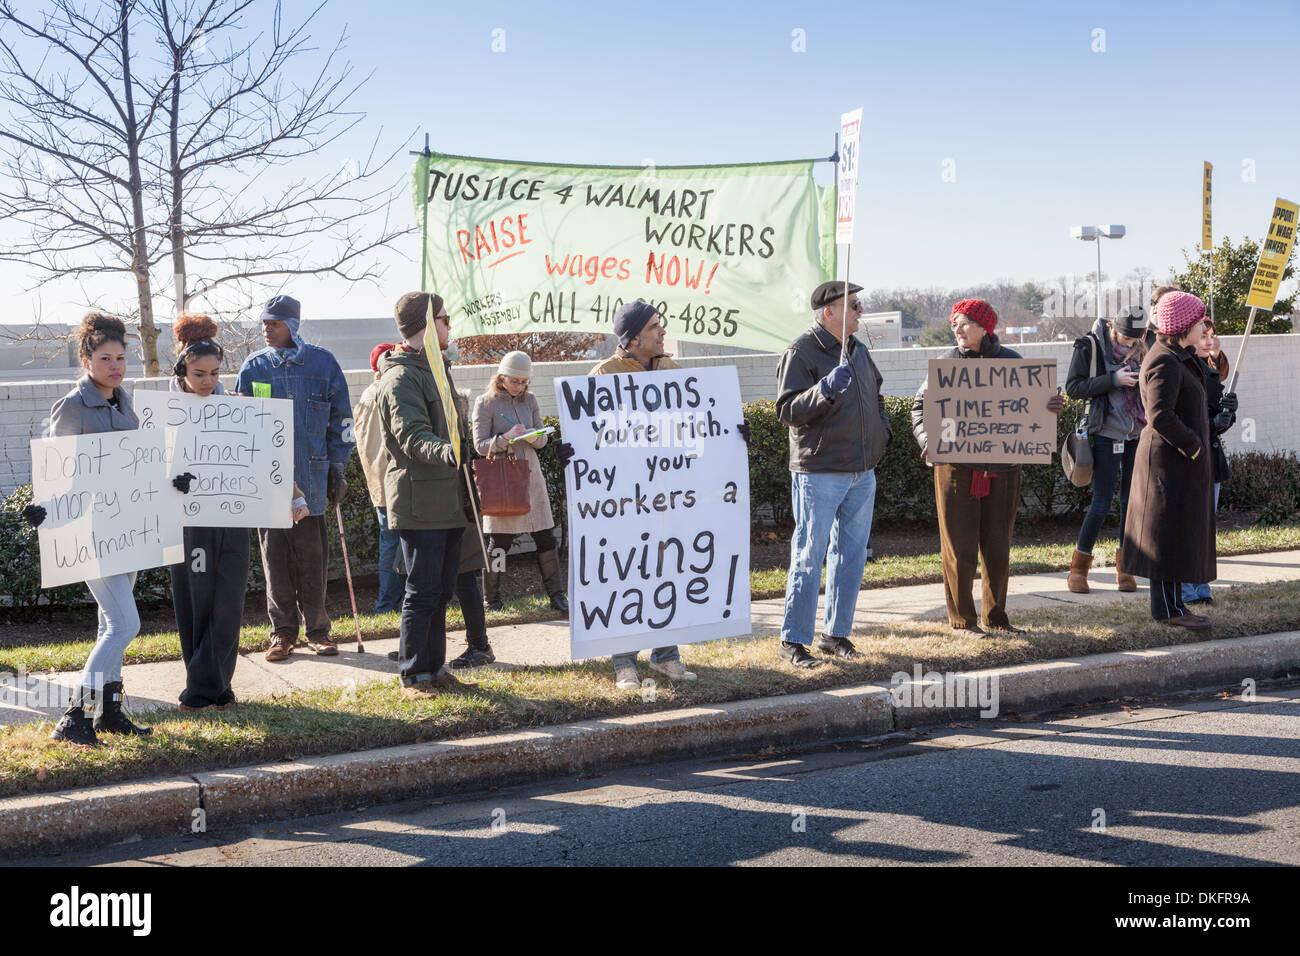 Schwarzer Freitag Anti-Walmart Protest, existenzsichernde Löhne, Towson, Maryland, Baltimore County zu unterstützen. Stockbild